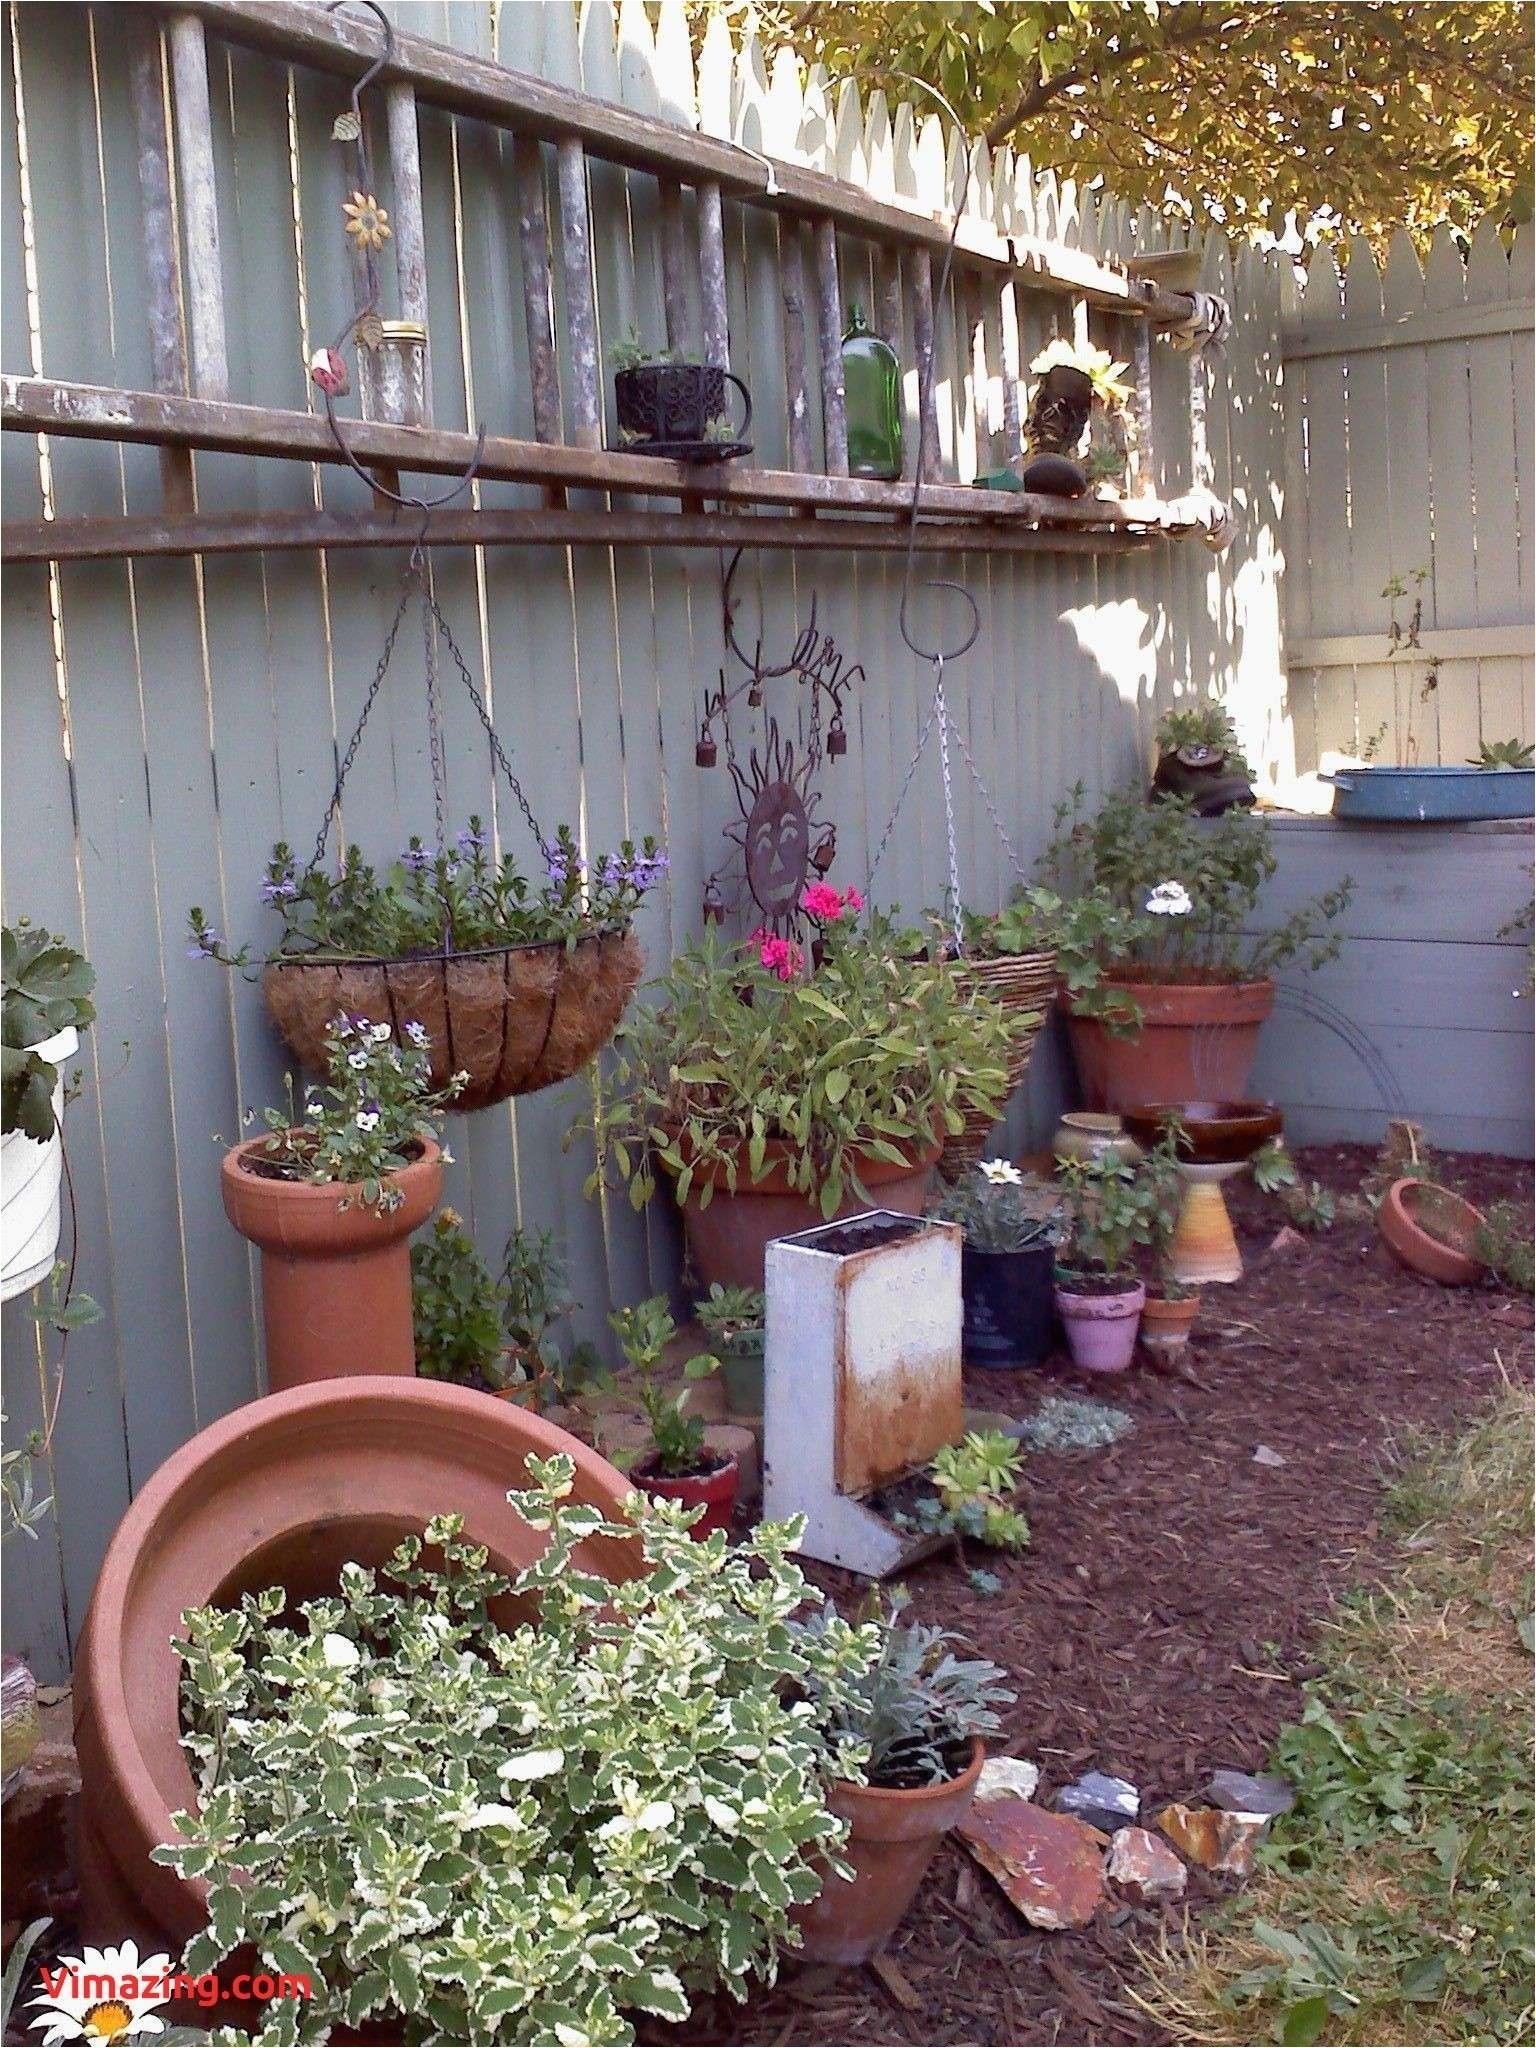 of garden design ideas new garden whimsical garden whimsical garden 0d gardens